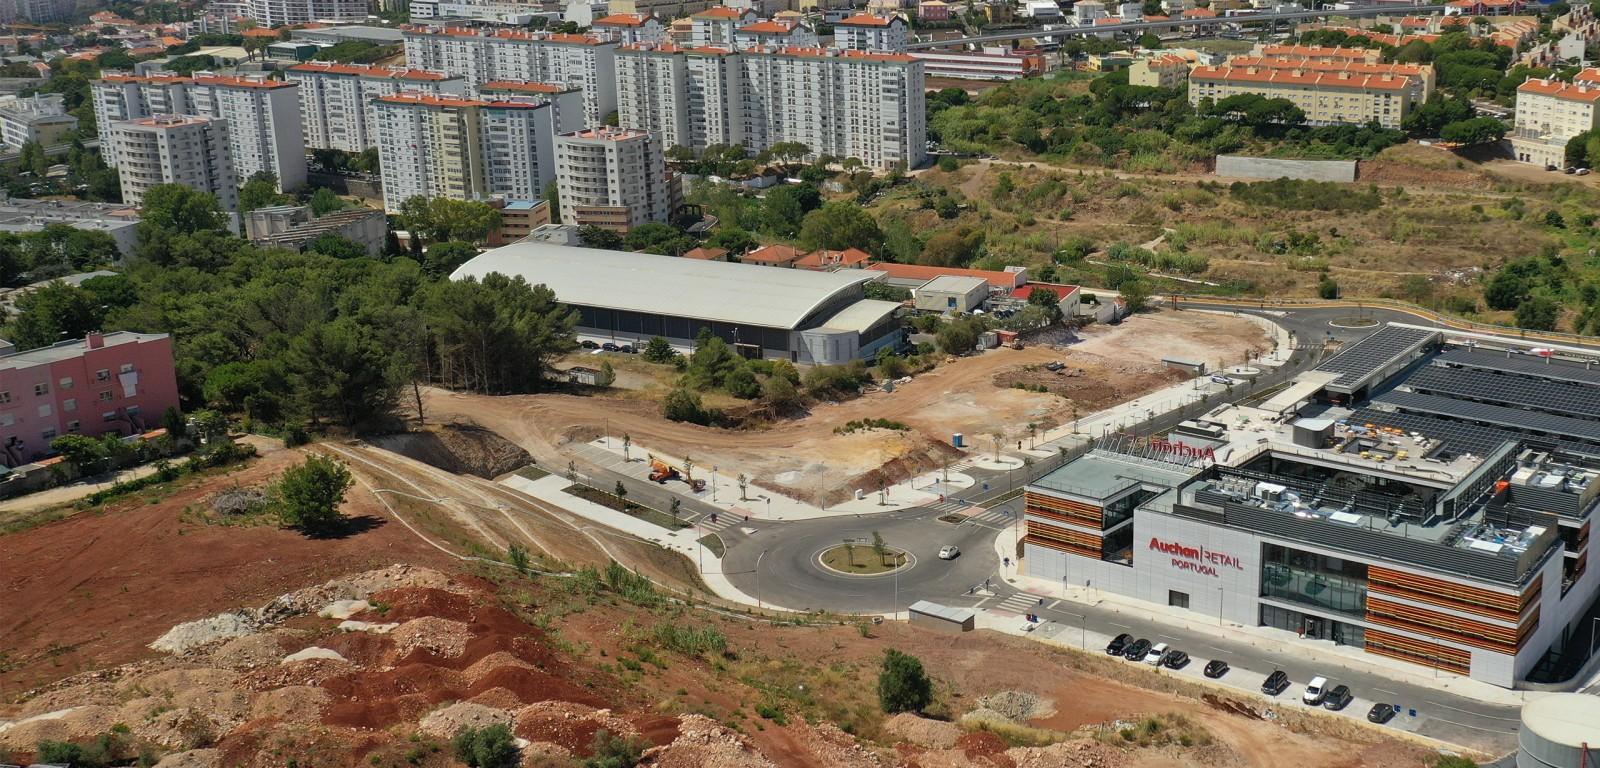 Arcus Park